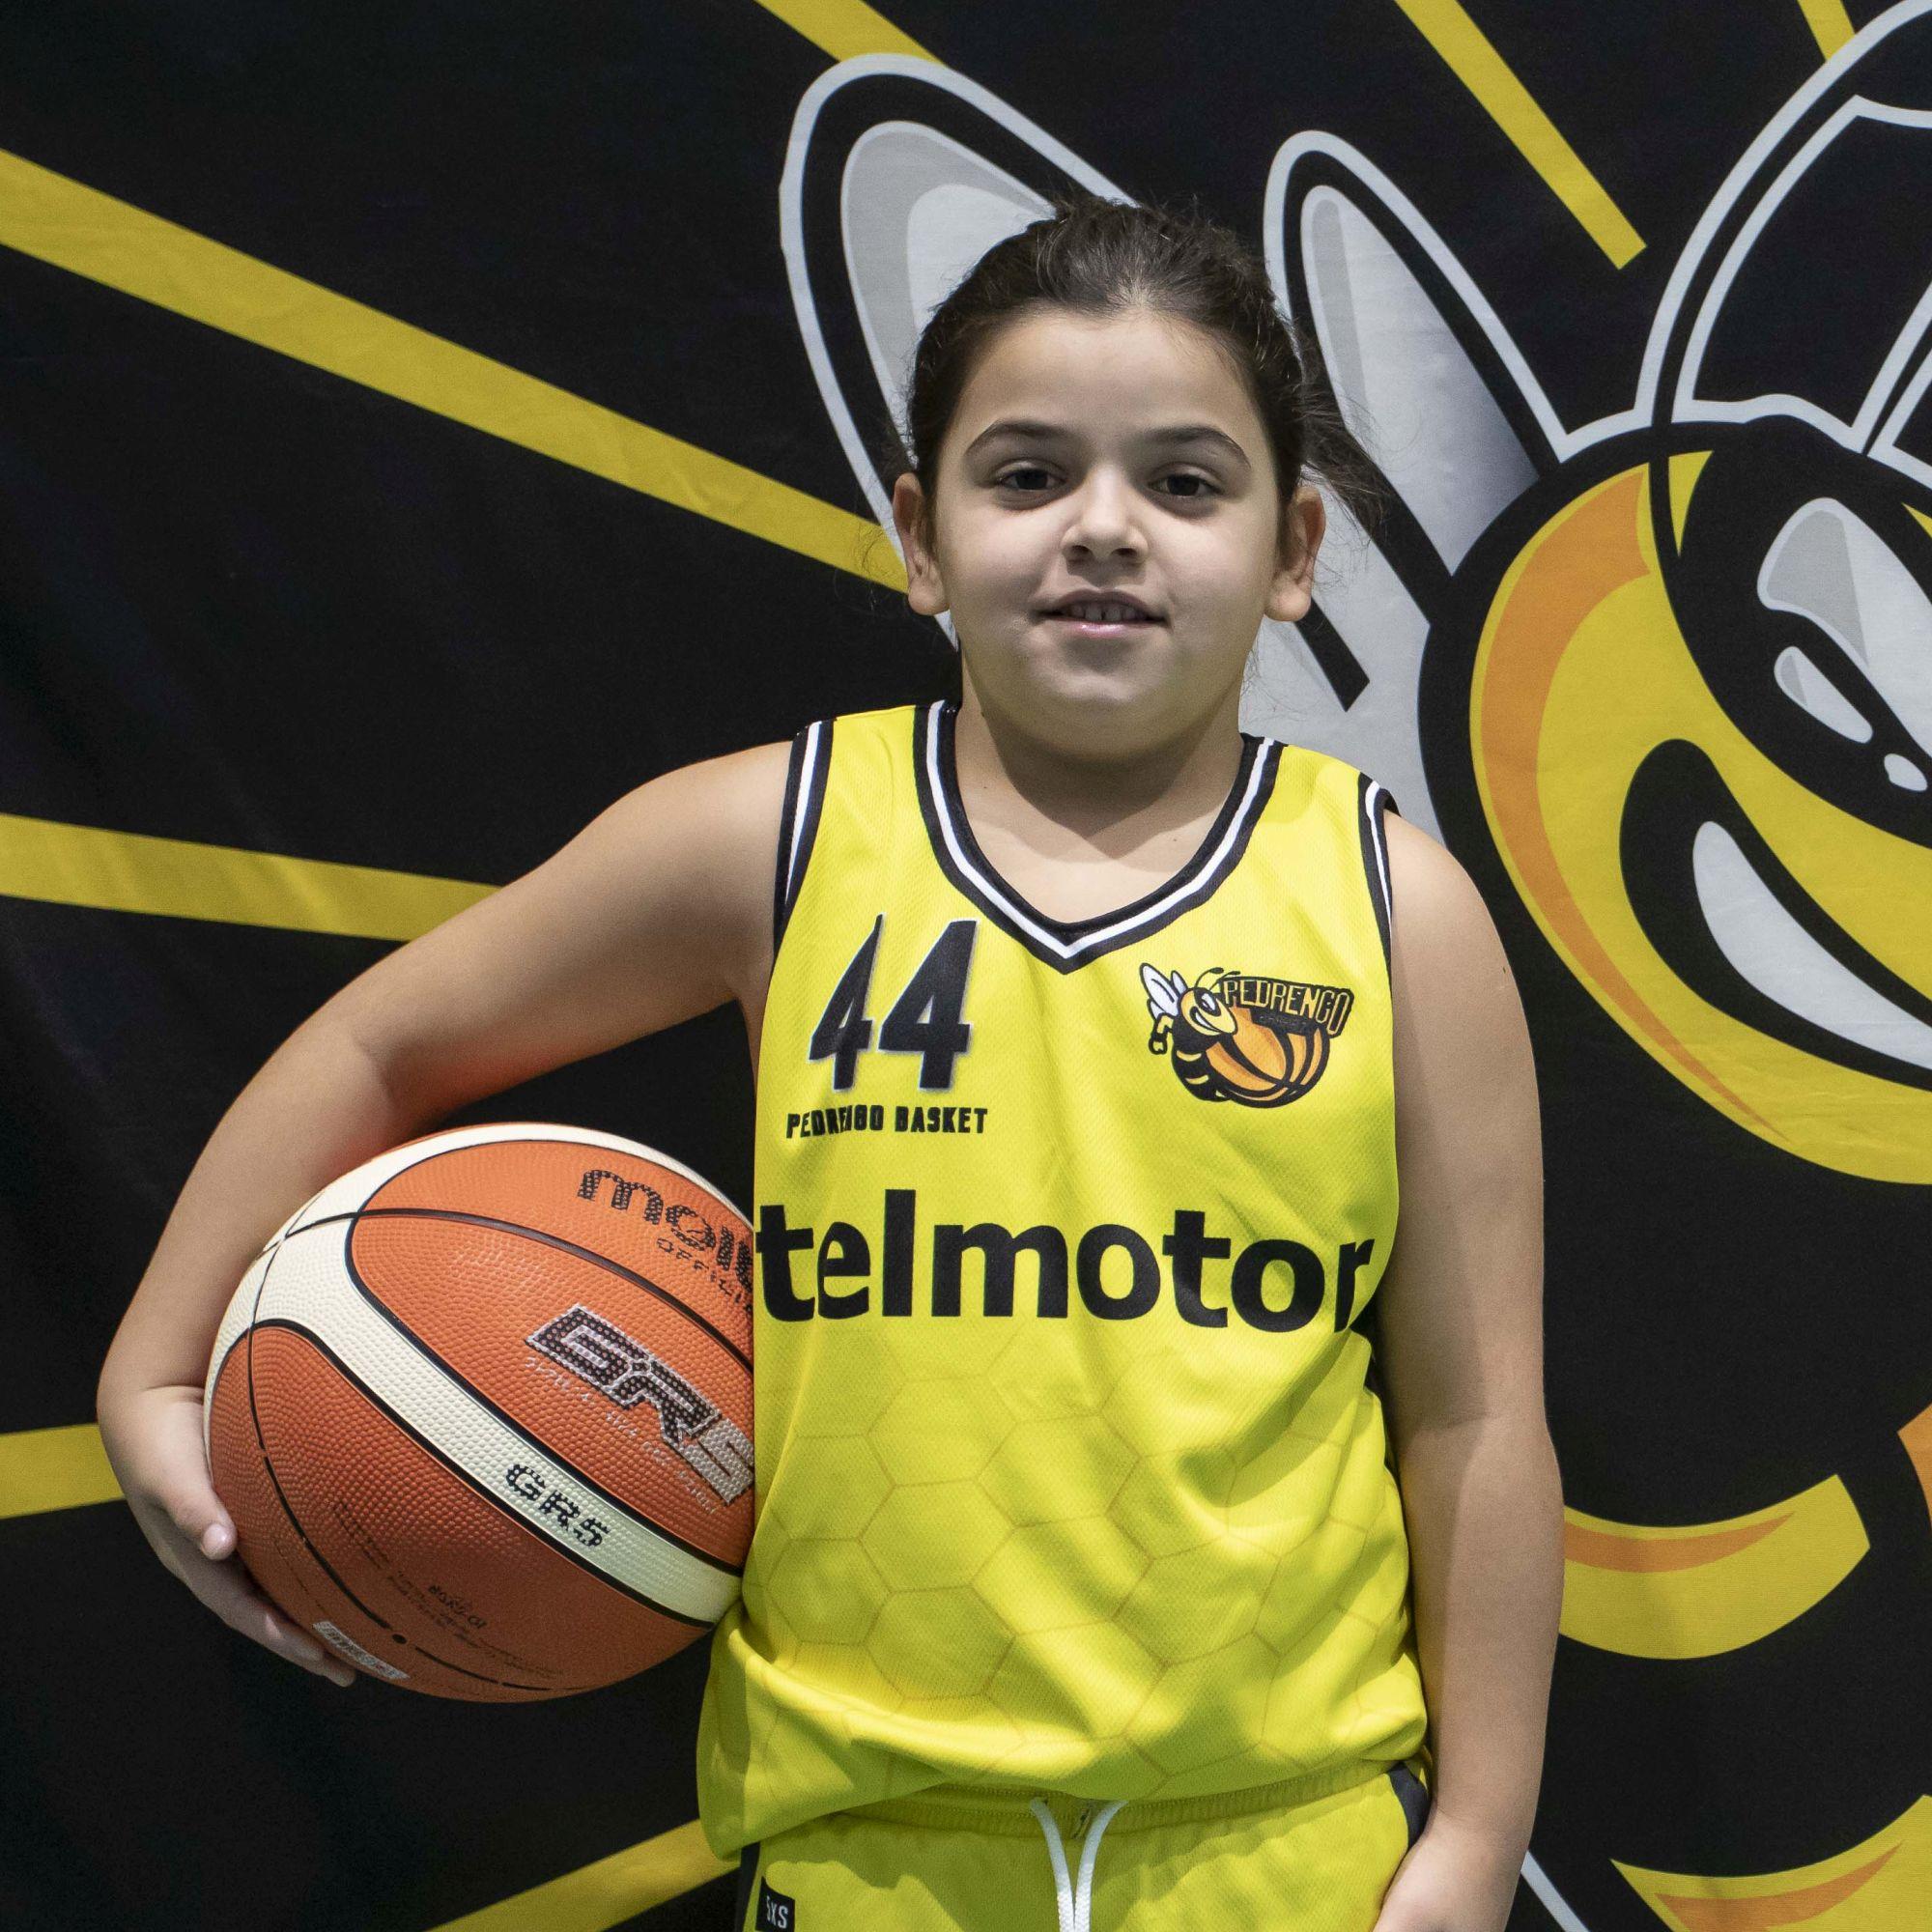 Pedroni-Vittoria-2012